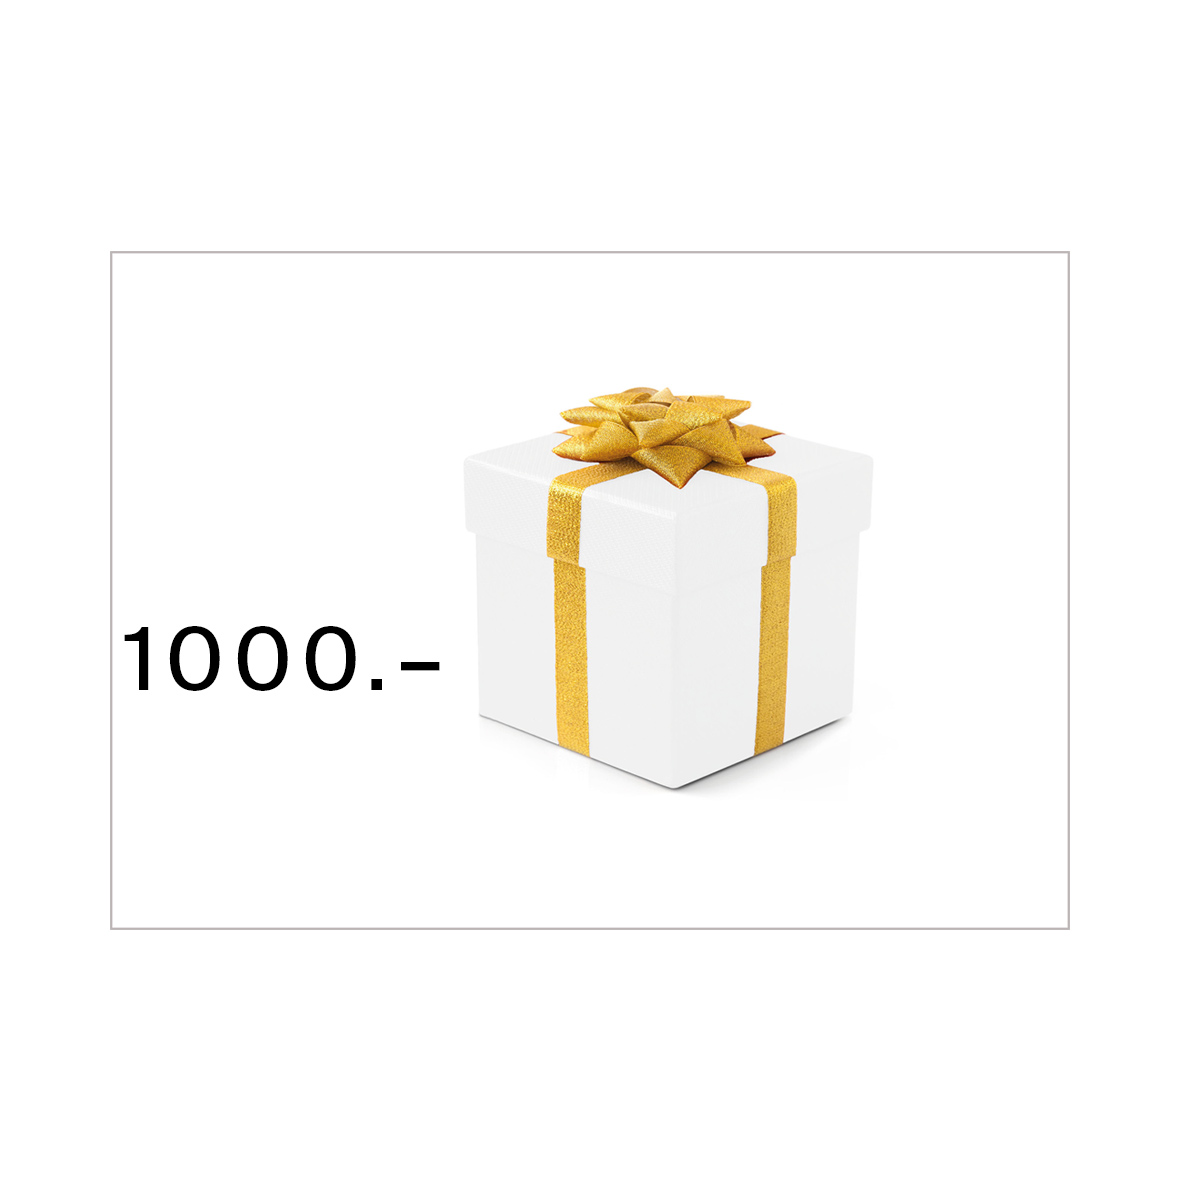 geschenkgutschein bestswiss chf 1000.–